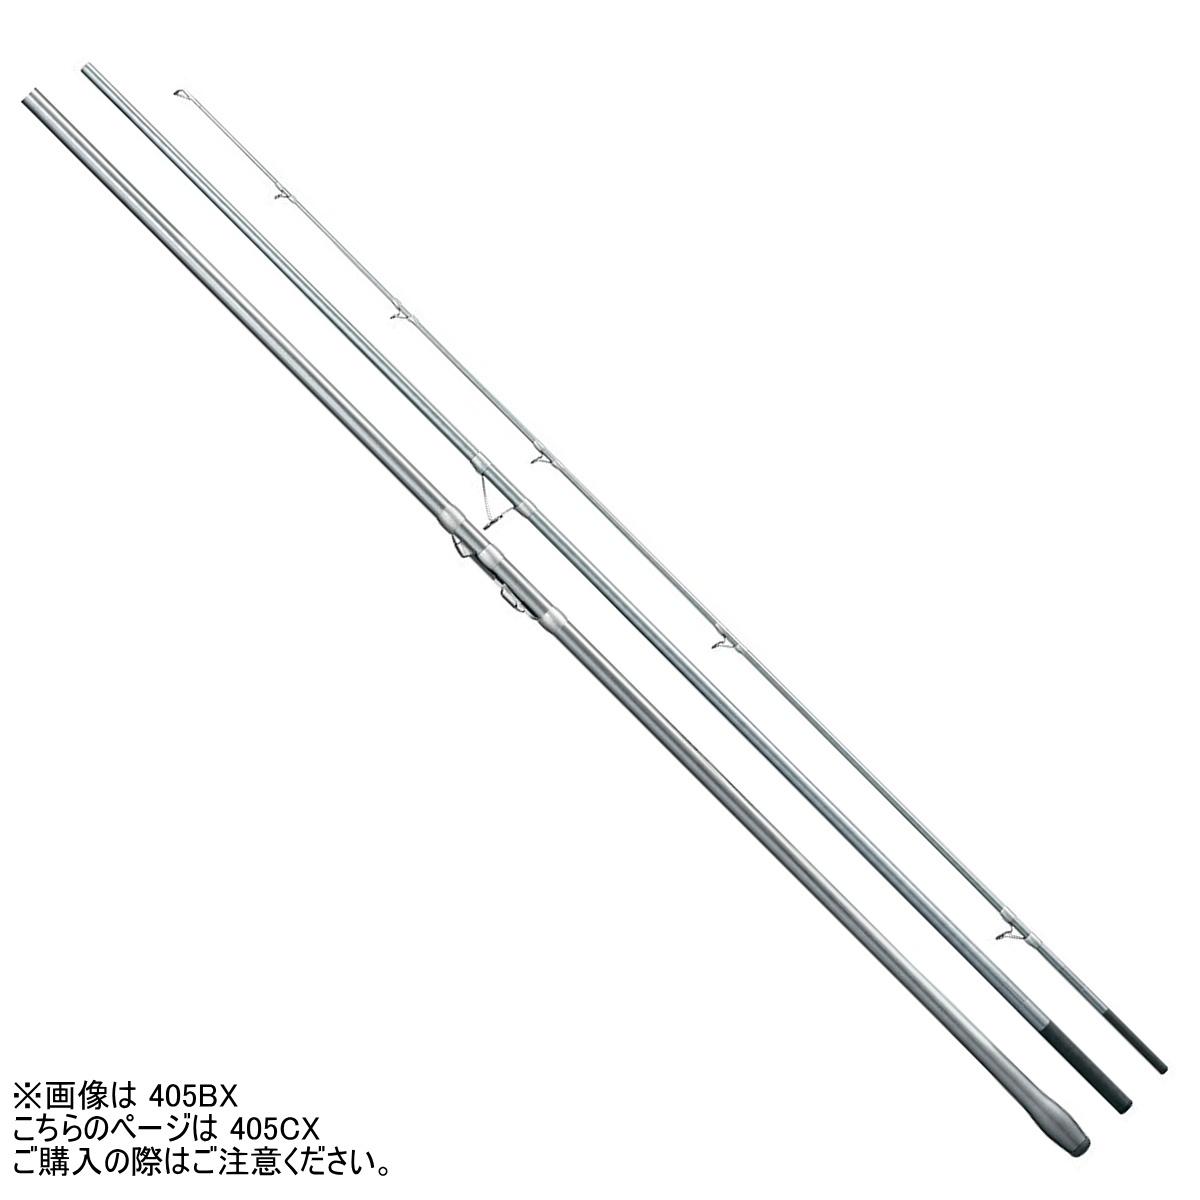 シマノ ロッド '20 スピンパワー ST 405CX 【6】【※大型商品の為同梱不可】【2020年新製品】